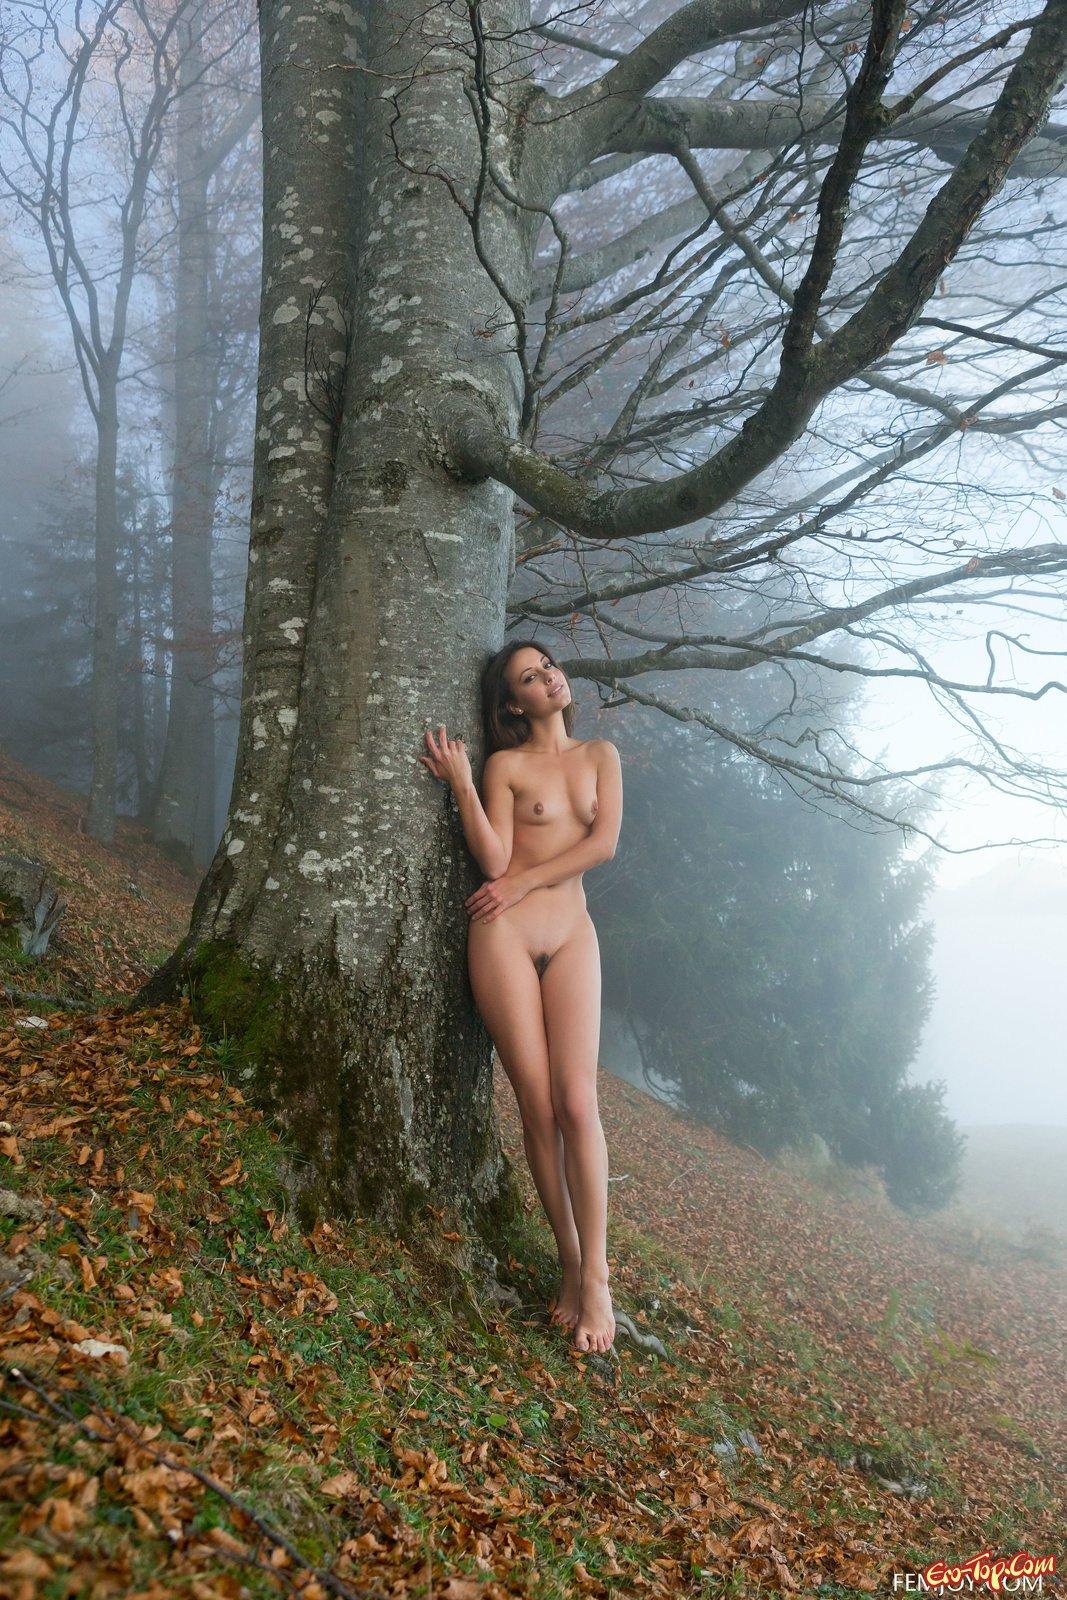 Обнажённая девушка демонстрирует тело в лесу